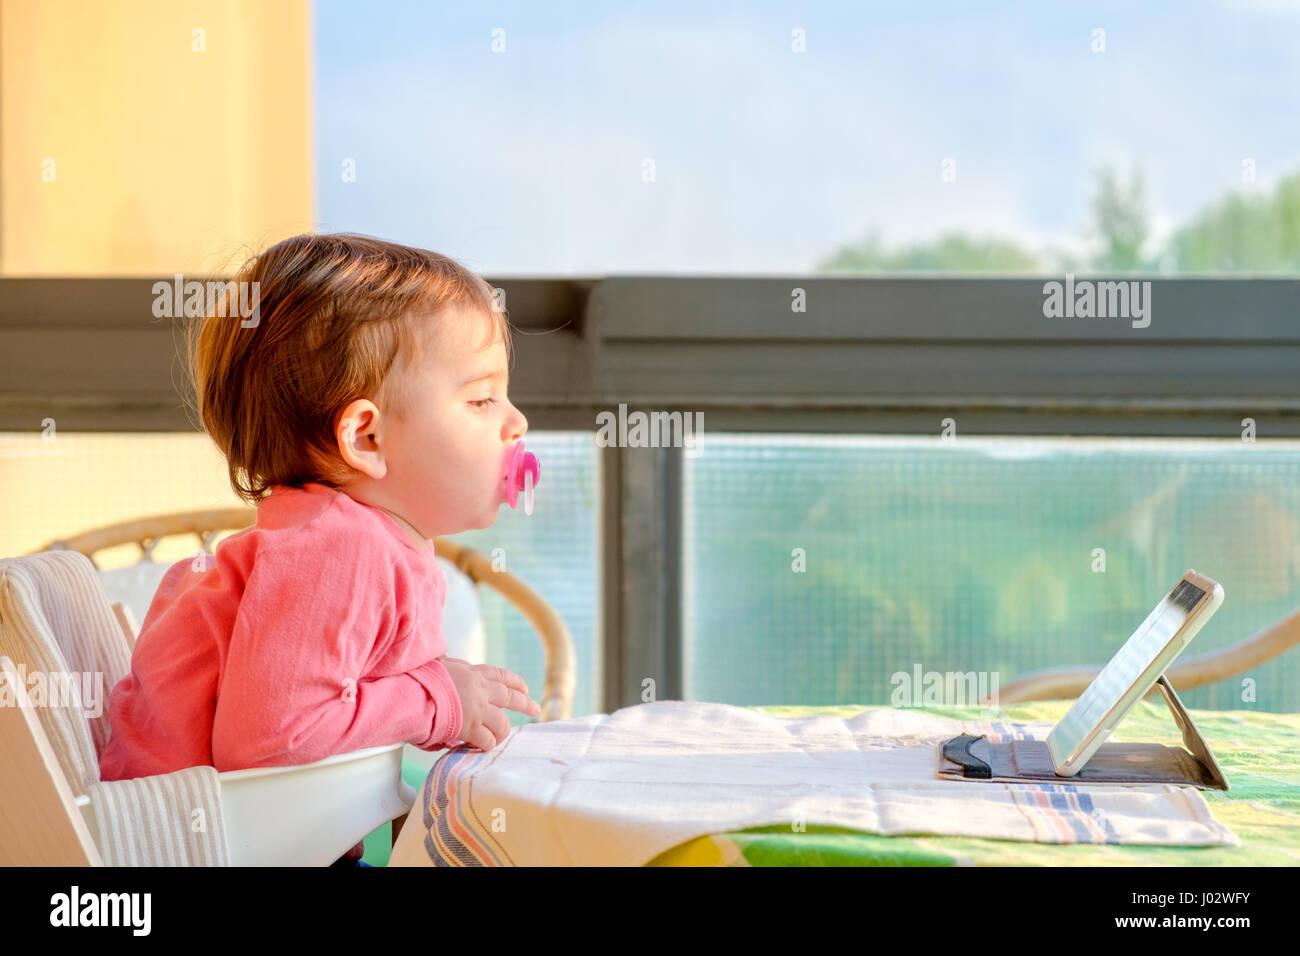 Neugeborenen Tablet tv digital native Stockbild